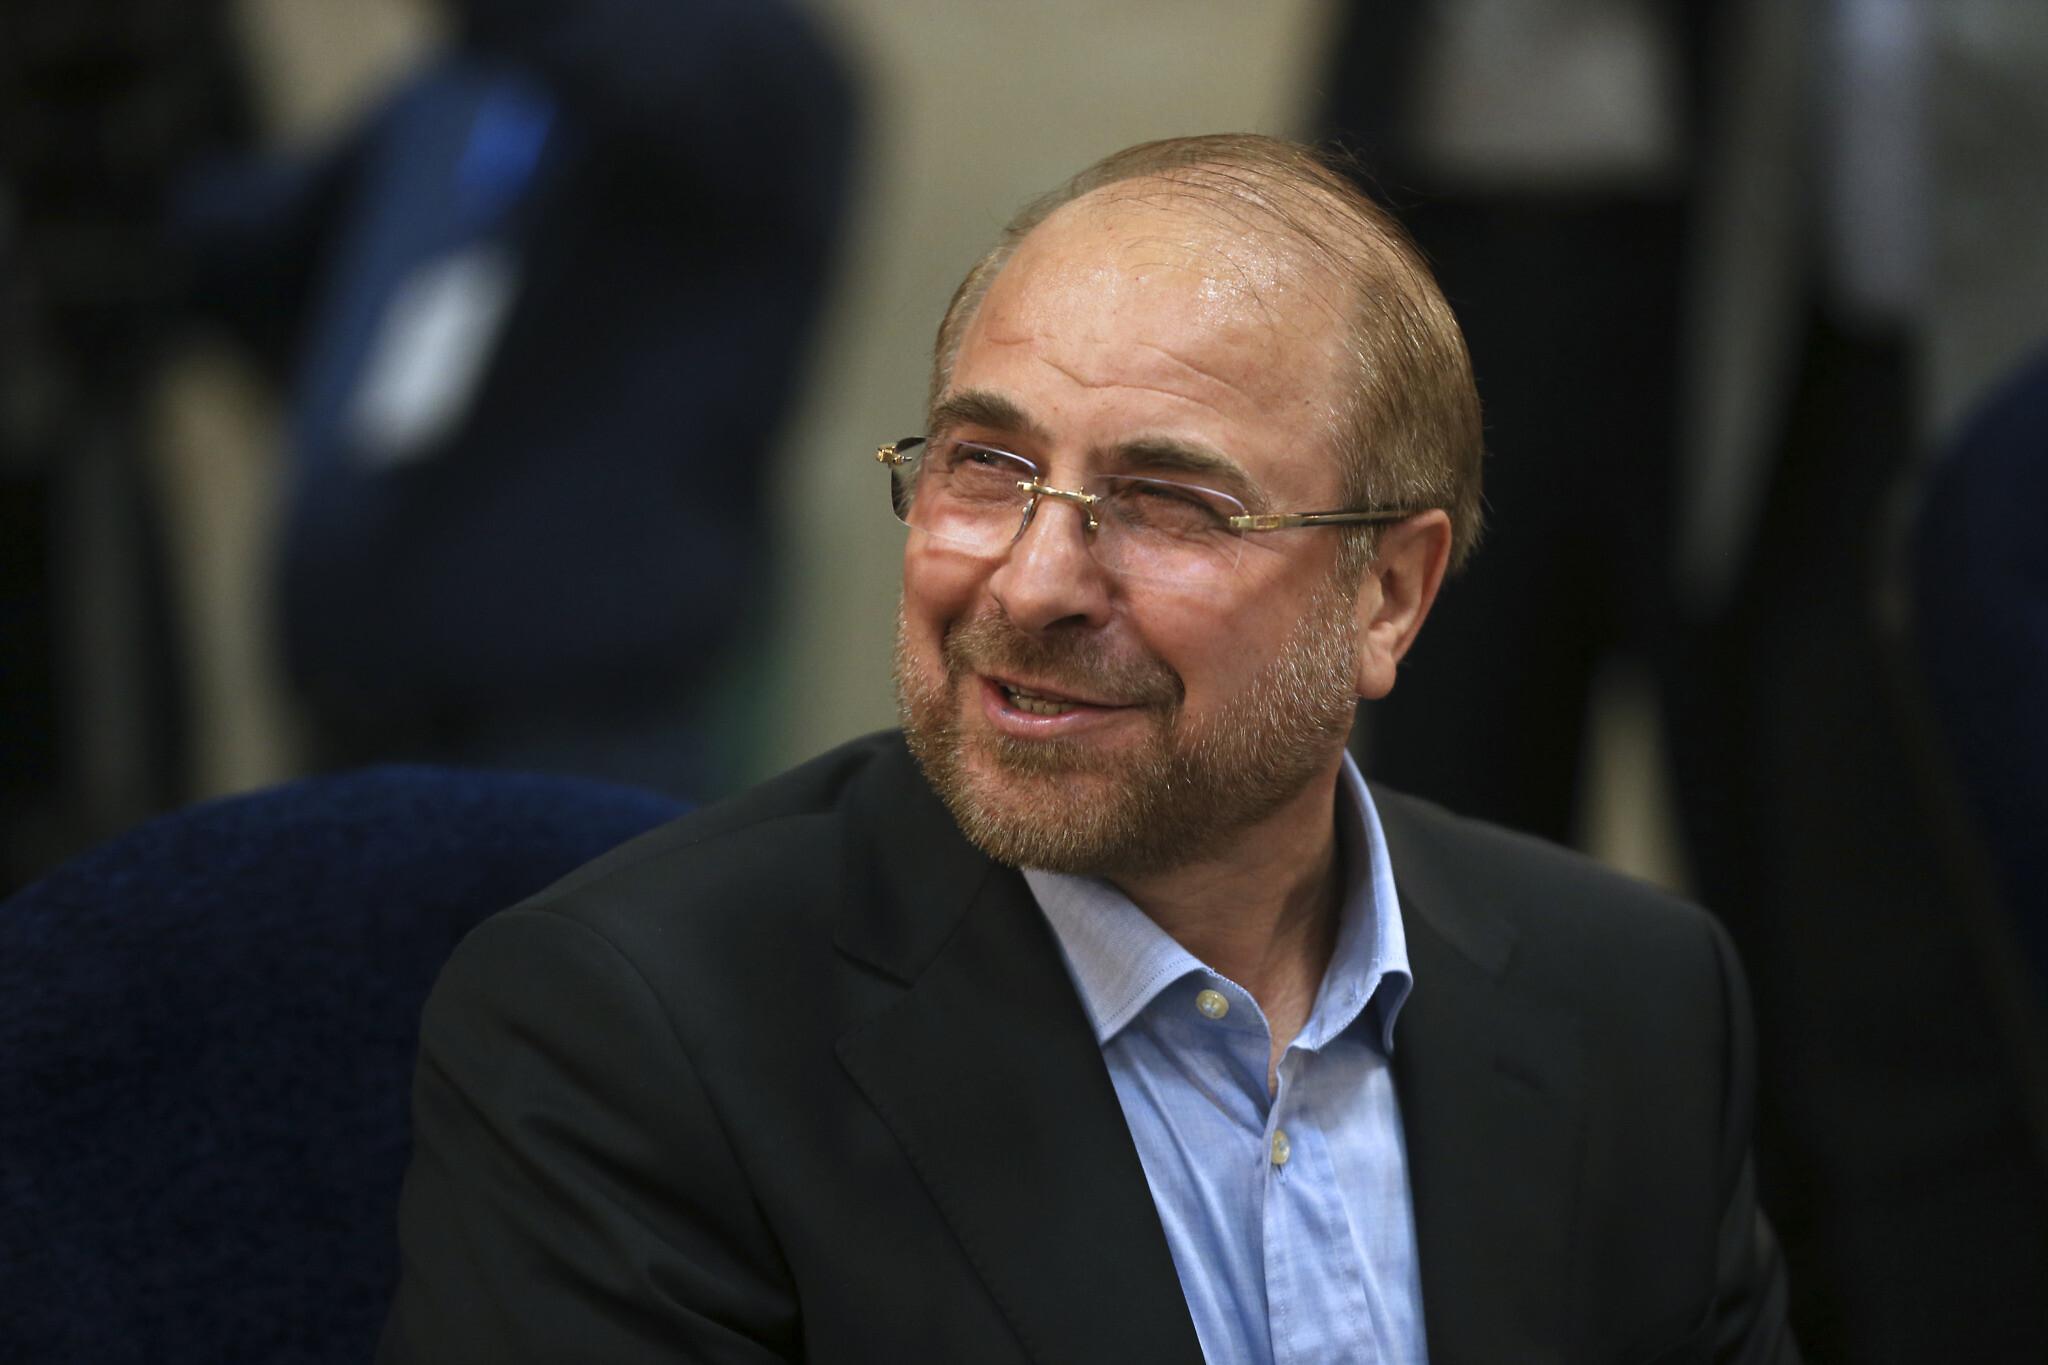 Iran: Qalibaf Elected New Parliament Speaker